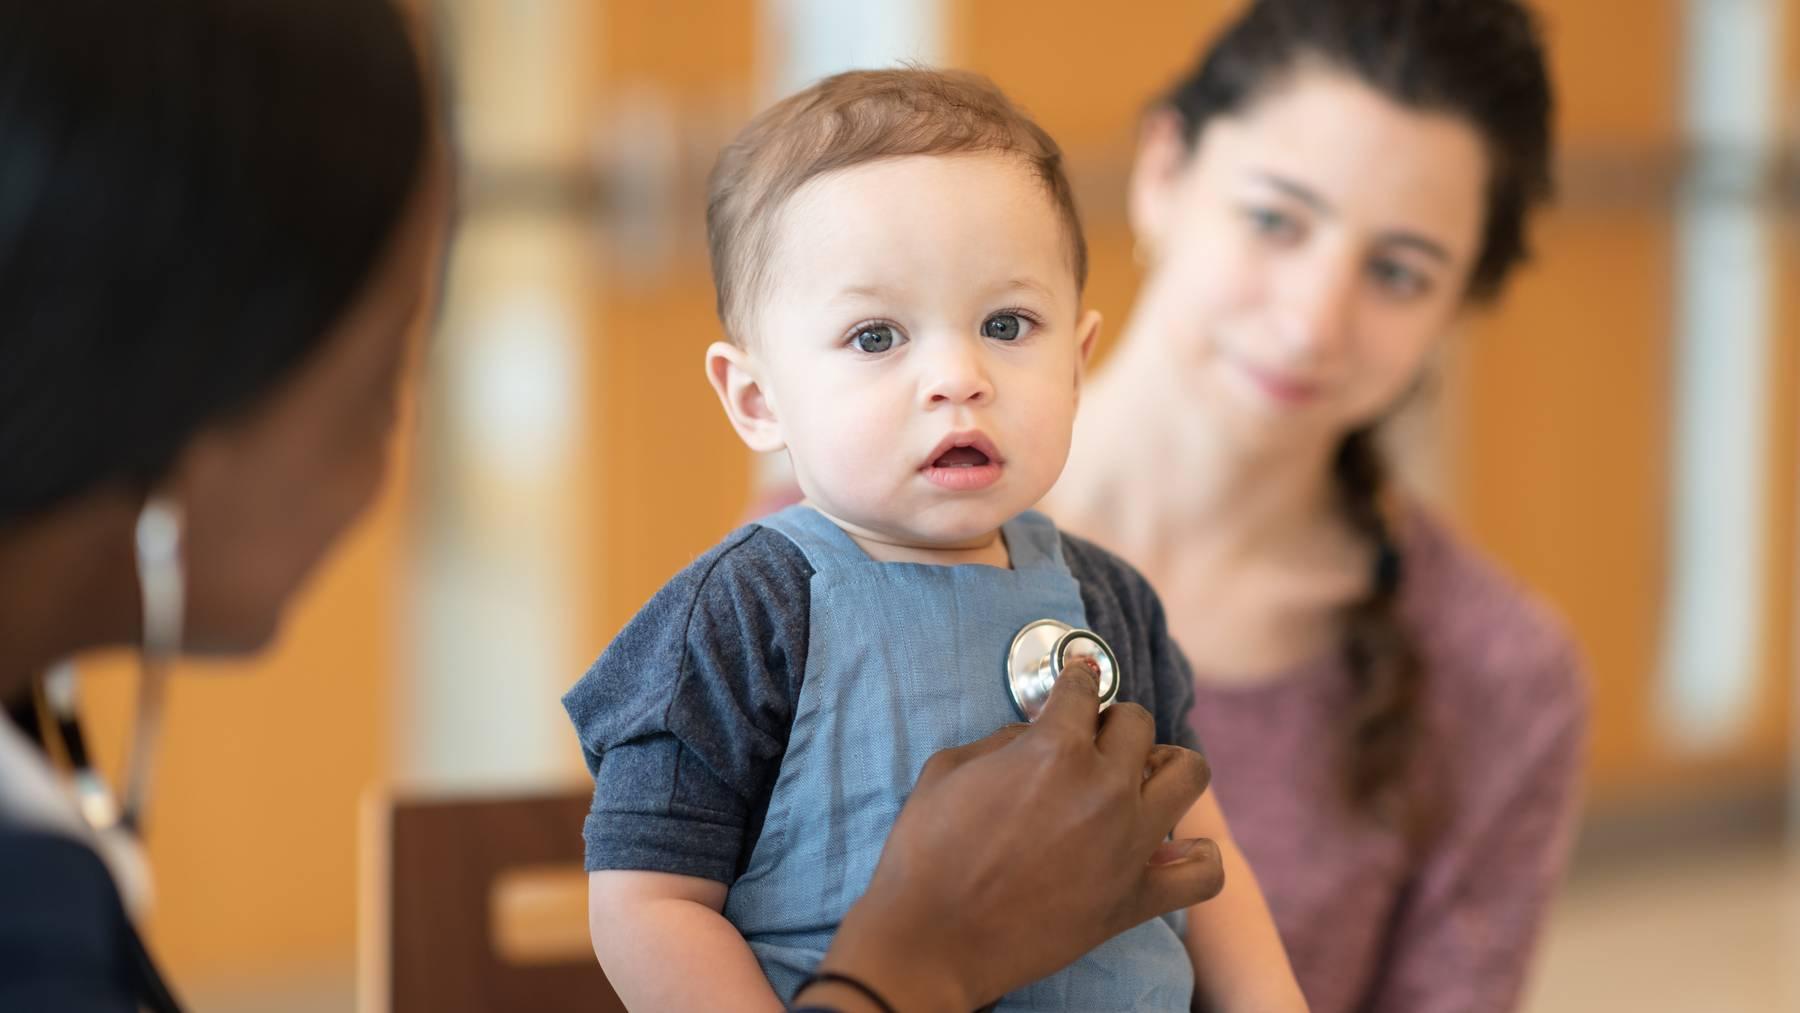 Das RS-Virus führt zu Atemwegsproblemen bei Kleinkindern. (Symbolbild)